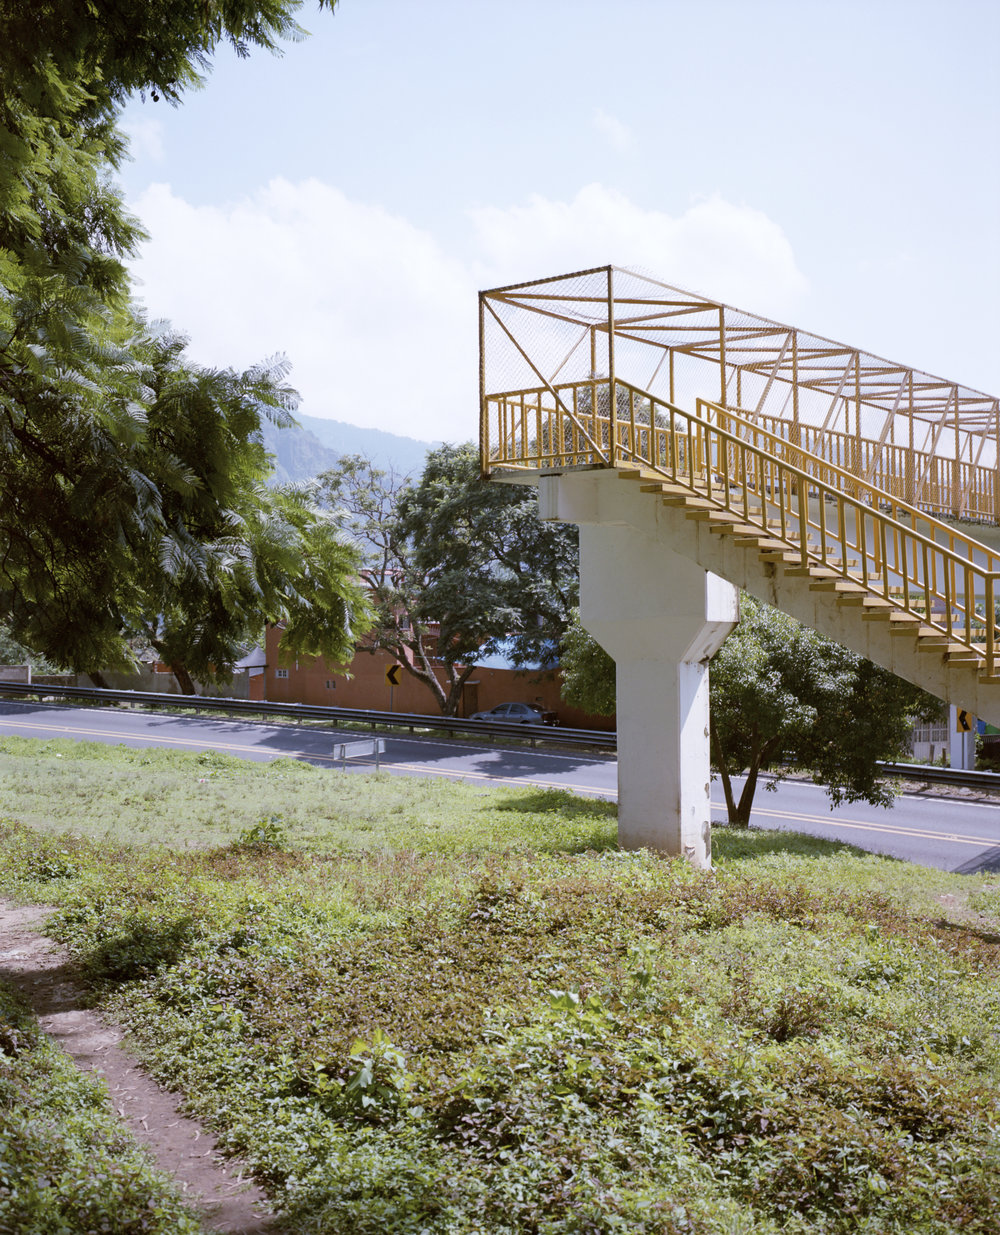 Tepoztlán, Mexico 2016